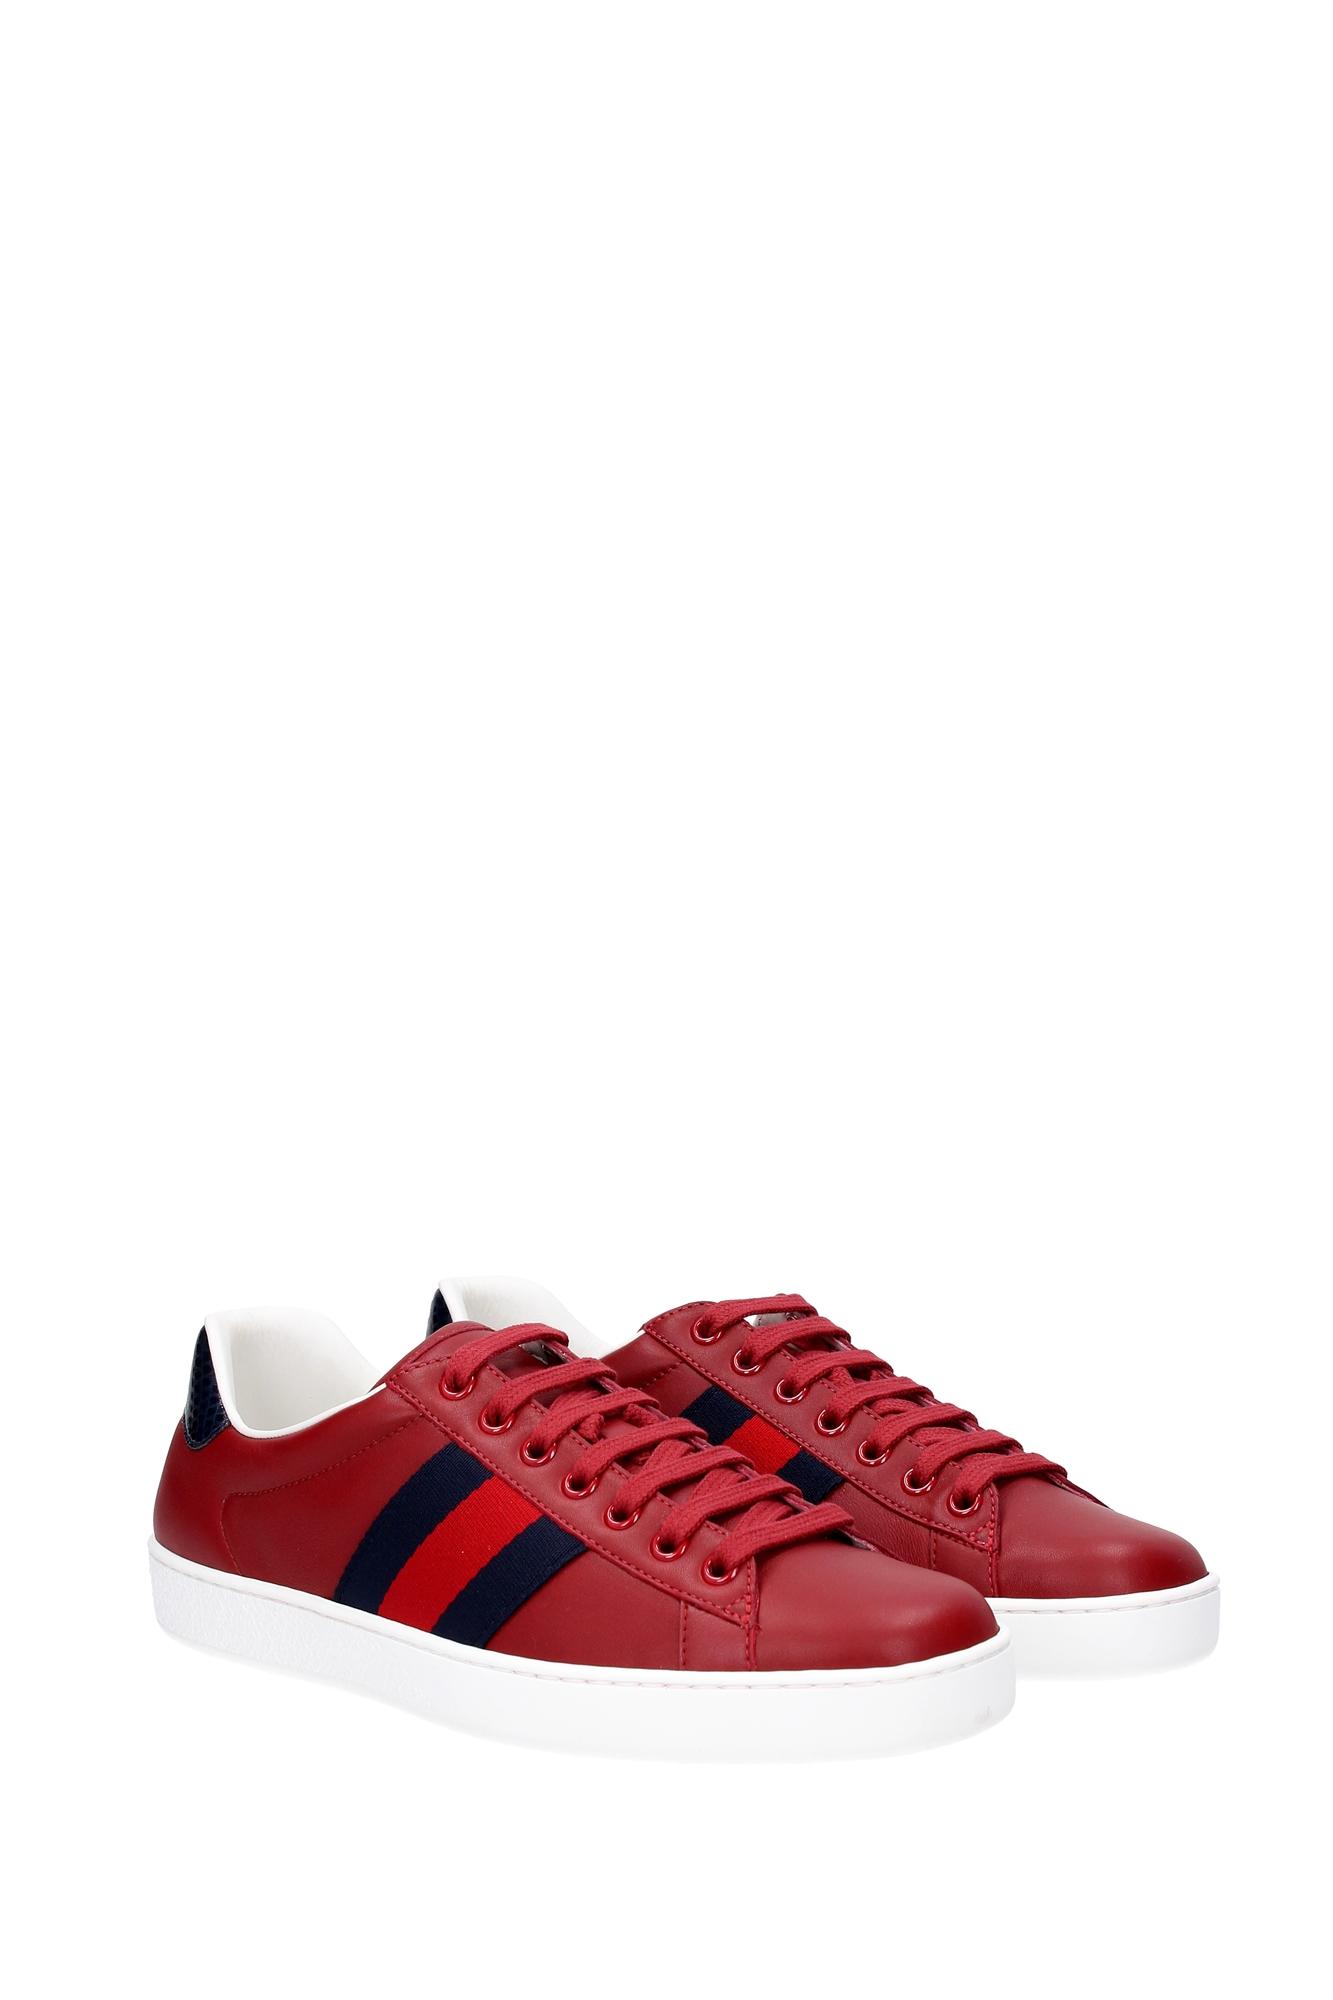 Valentino Shoes Men Ebay